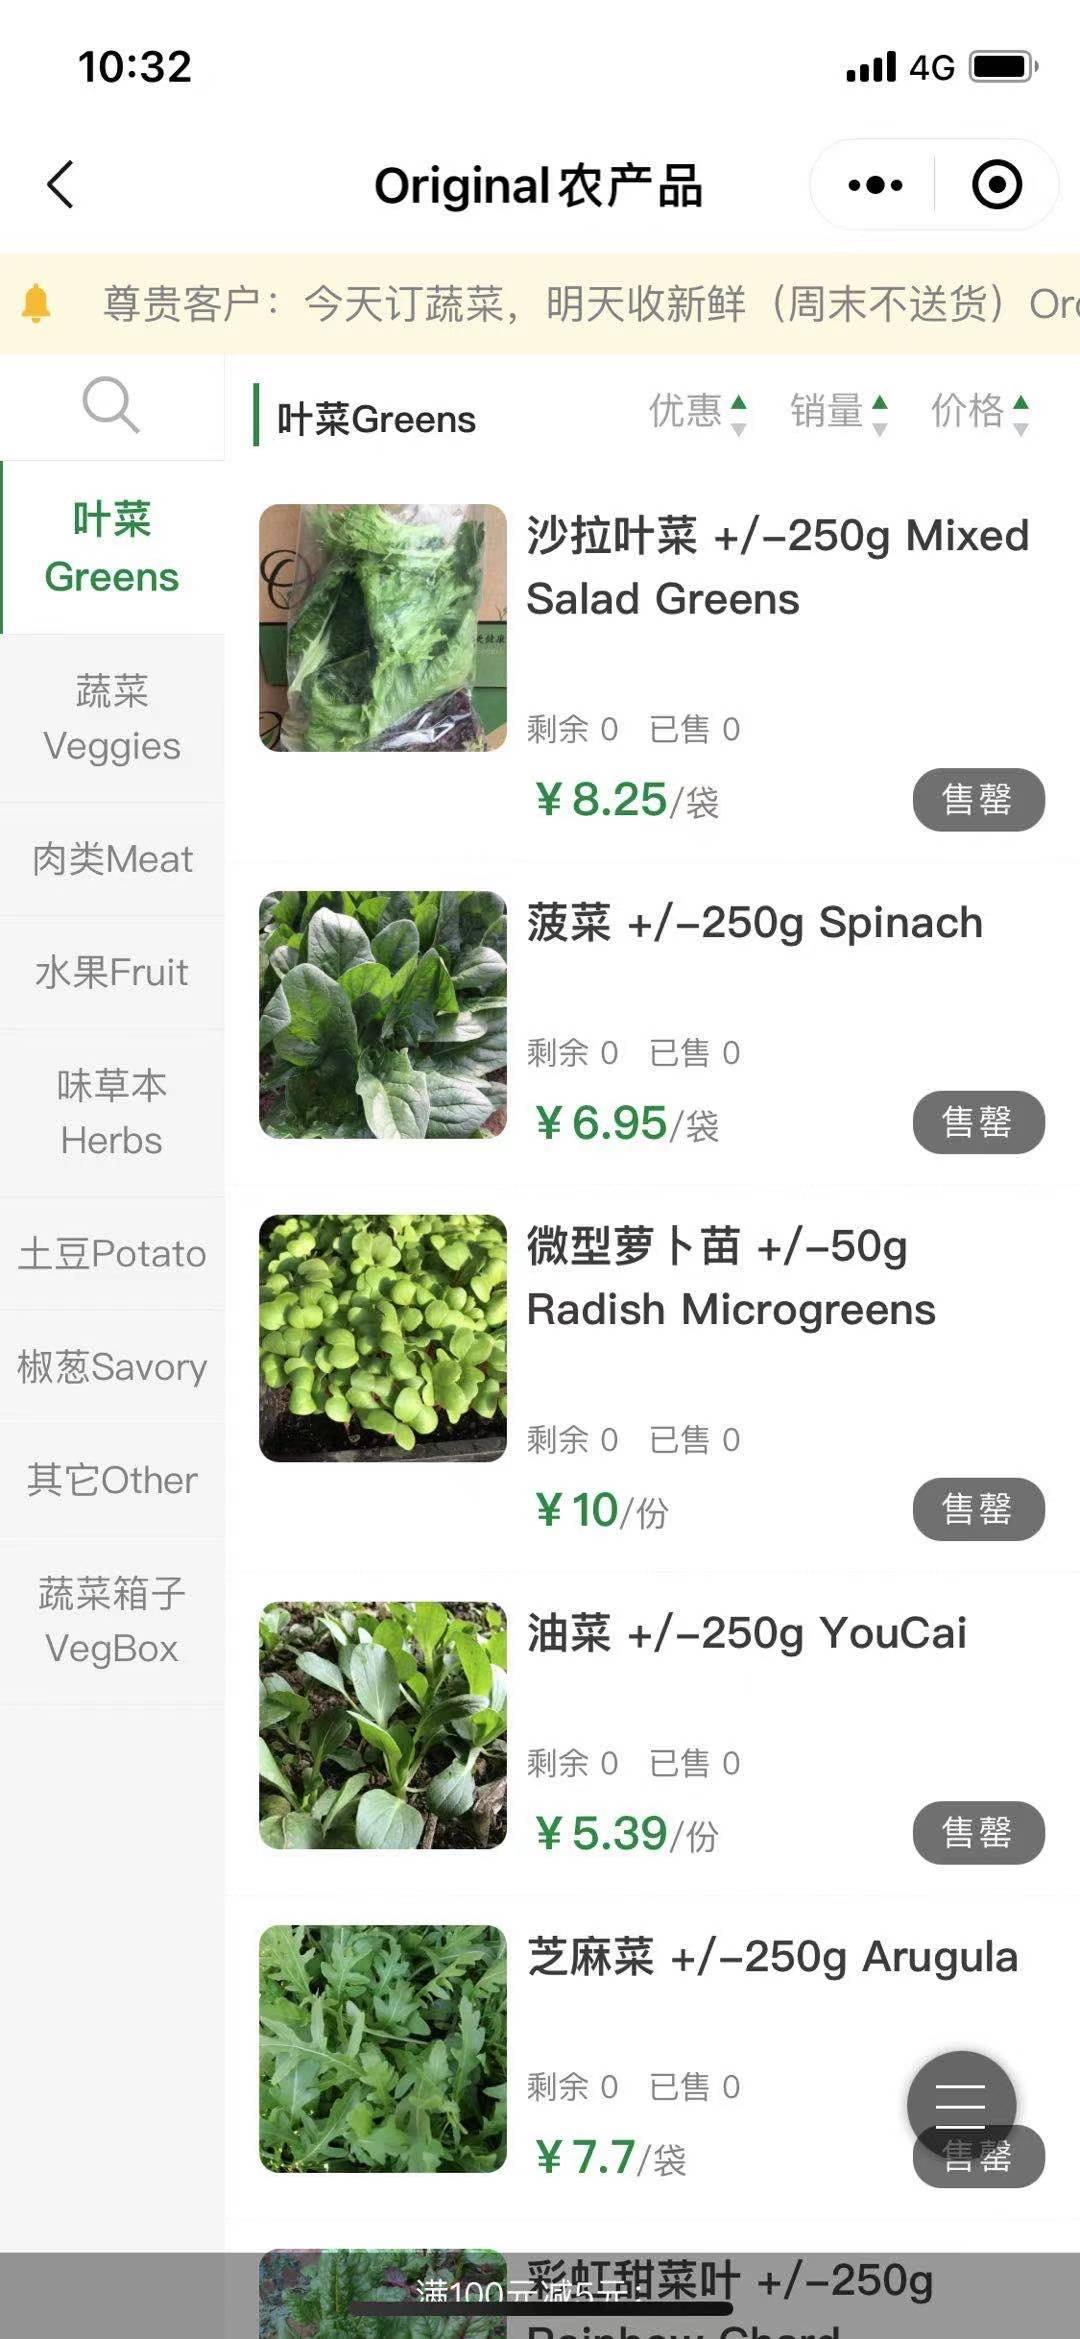 Original农产品